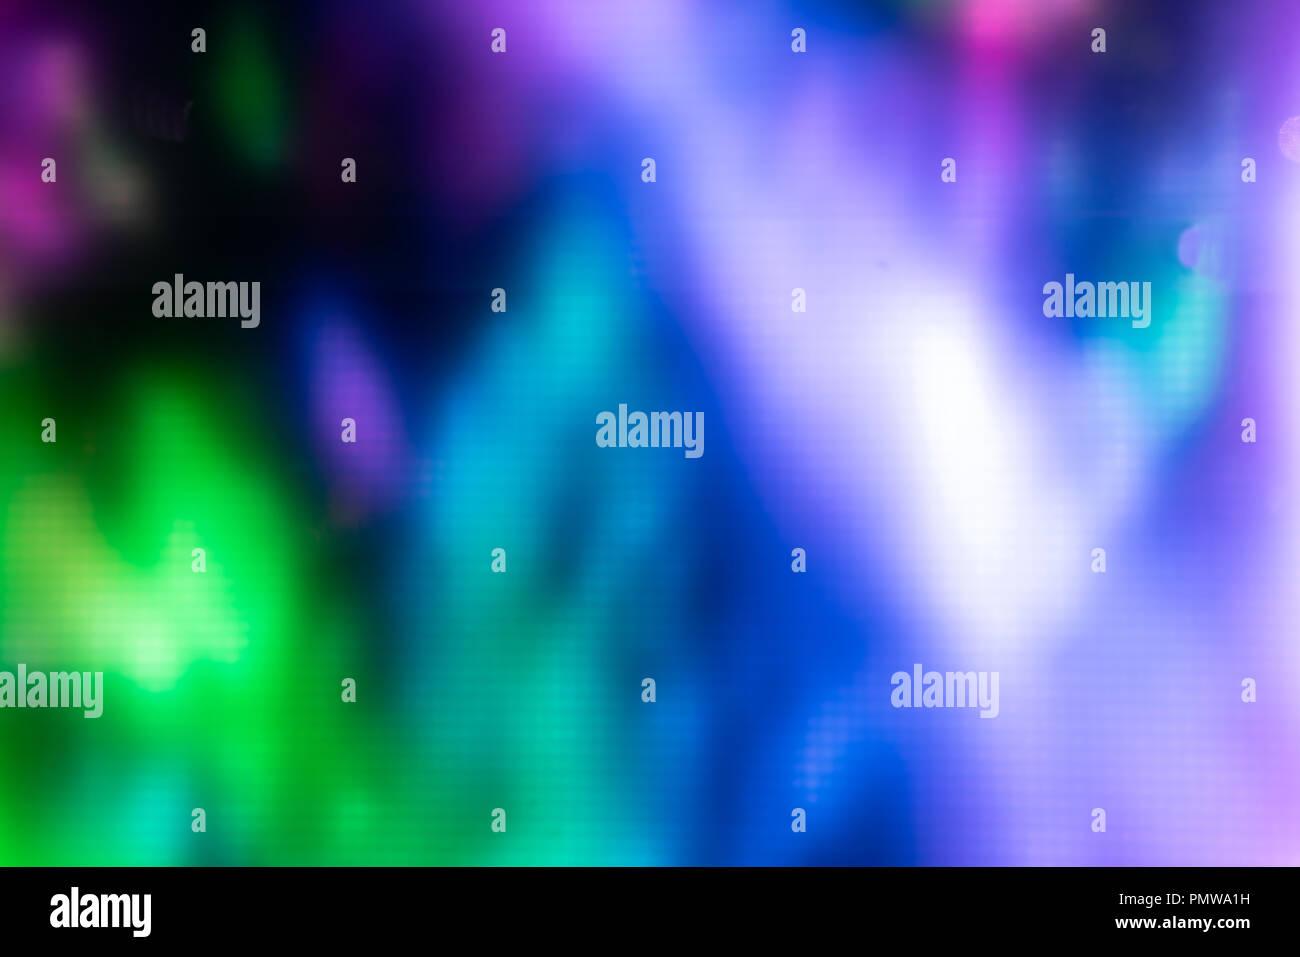 Resumen El efecto de la fusión de patrones de color brillante imagen fondos Imagen De Stock